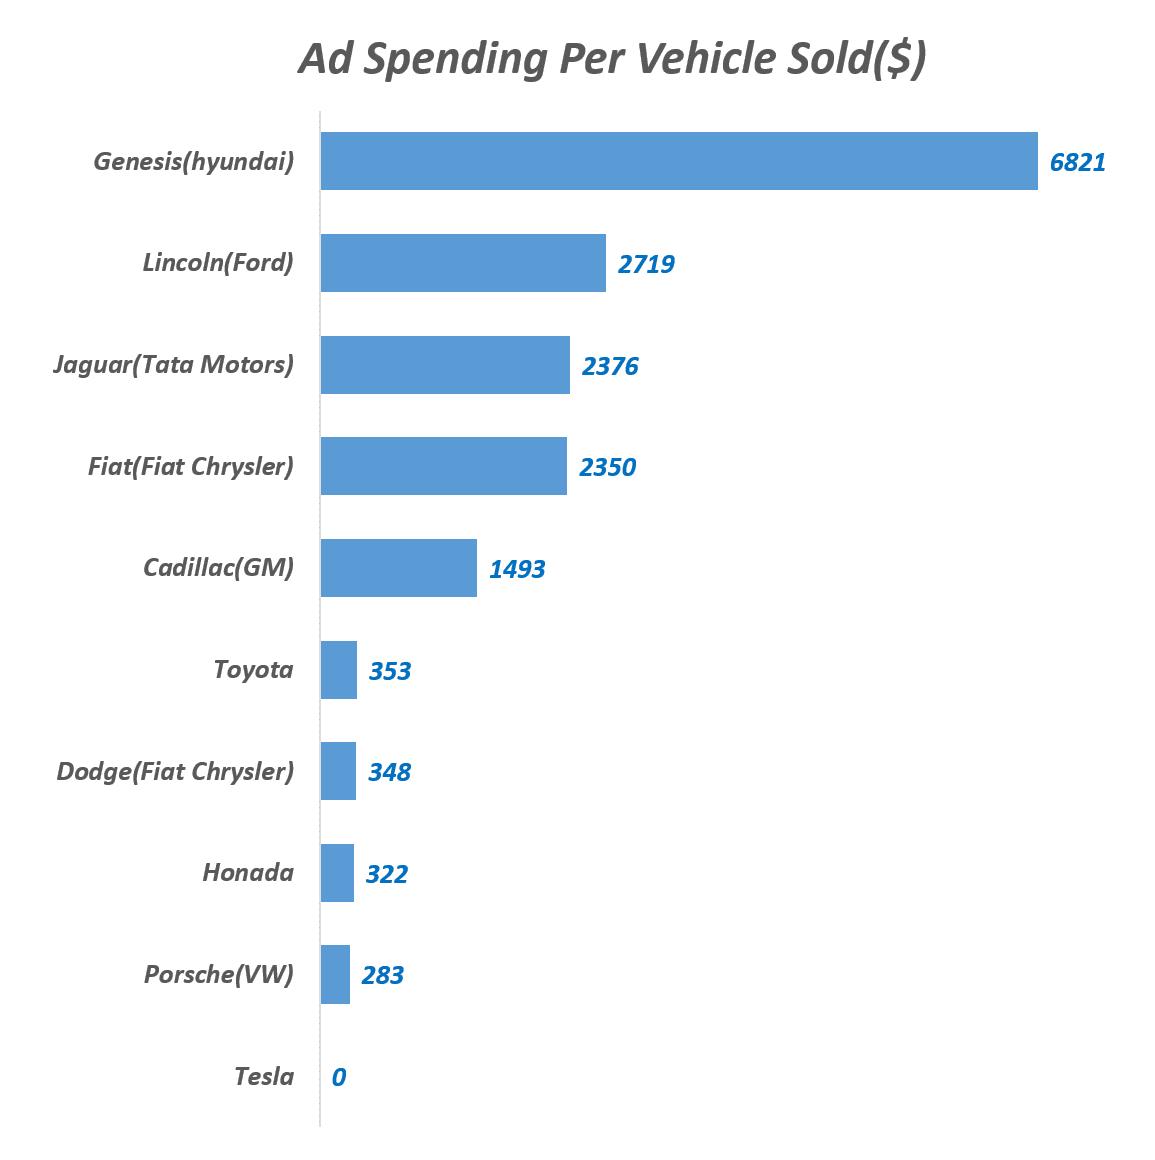 2016년 미국 자동차 브랜드별 자동차 1대 판매시 투입한 광고비 비교, A spending Per Vehicle Sold($), Source Adage